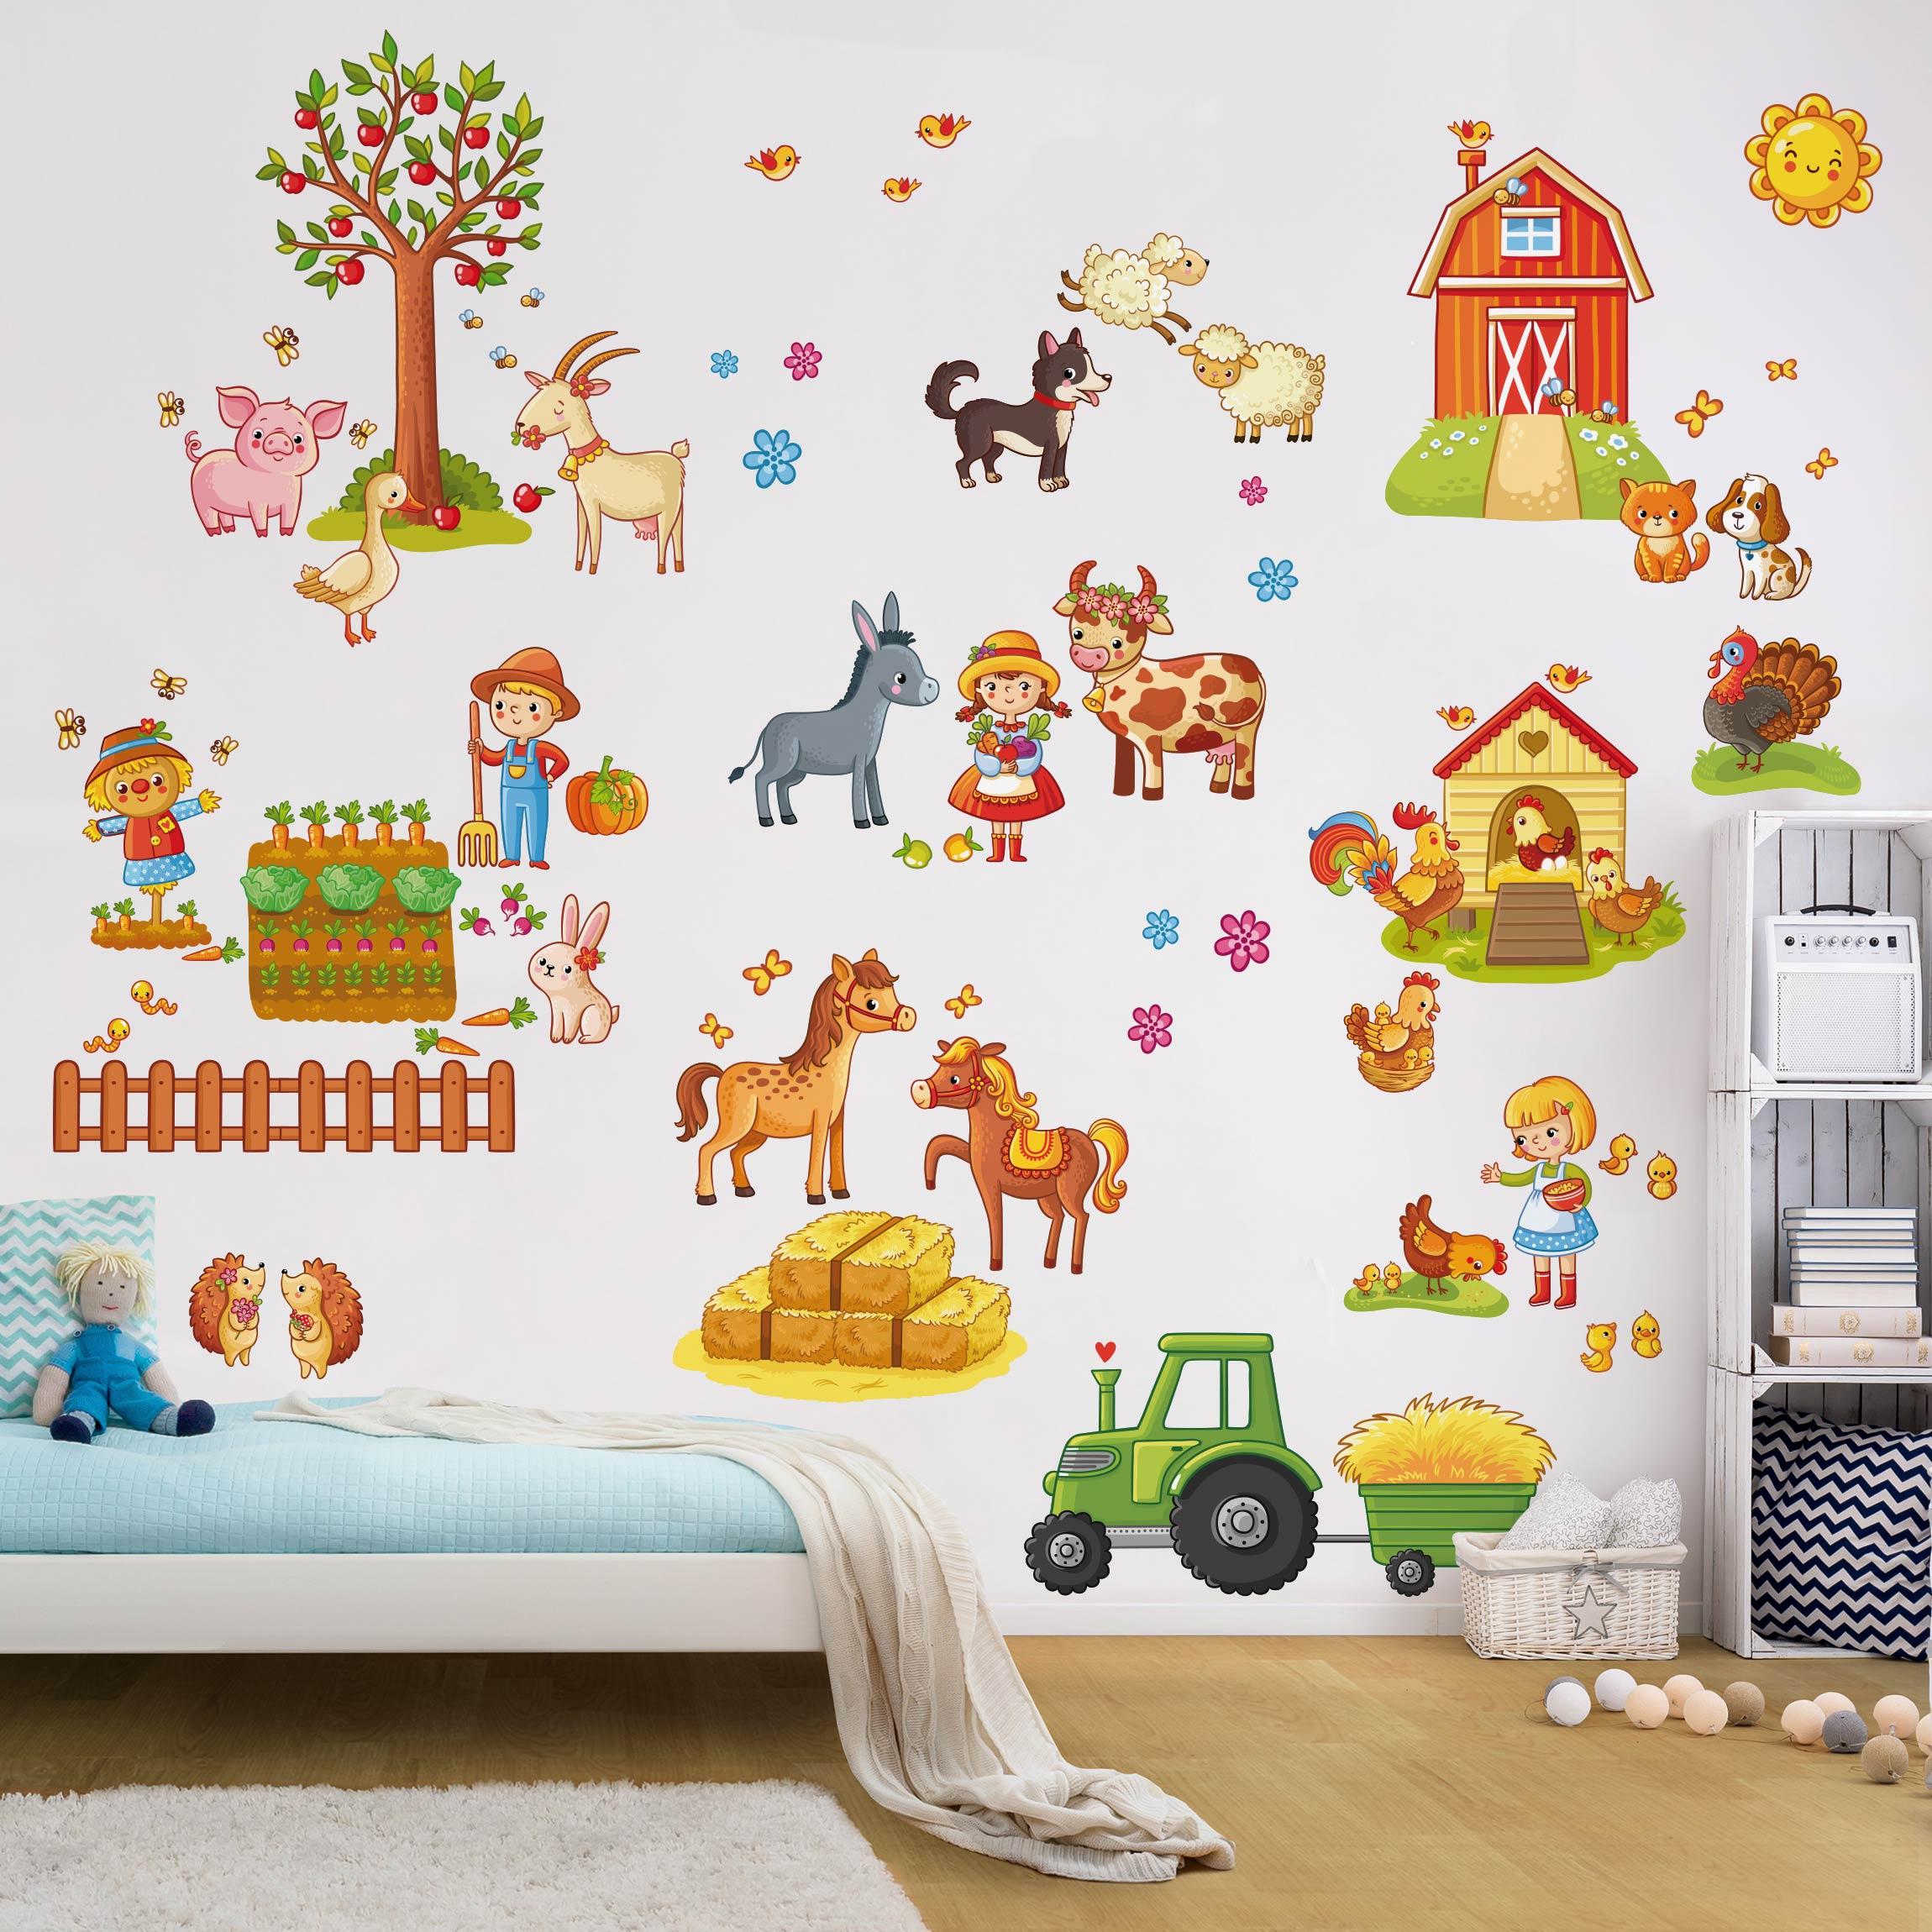 Schön Wandtattoo Kinderzimmer Ideen Von